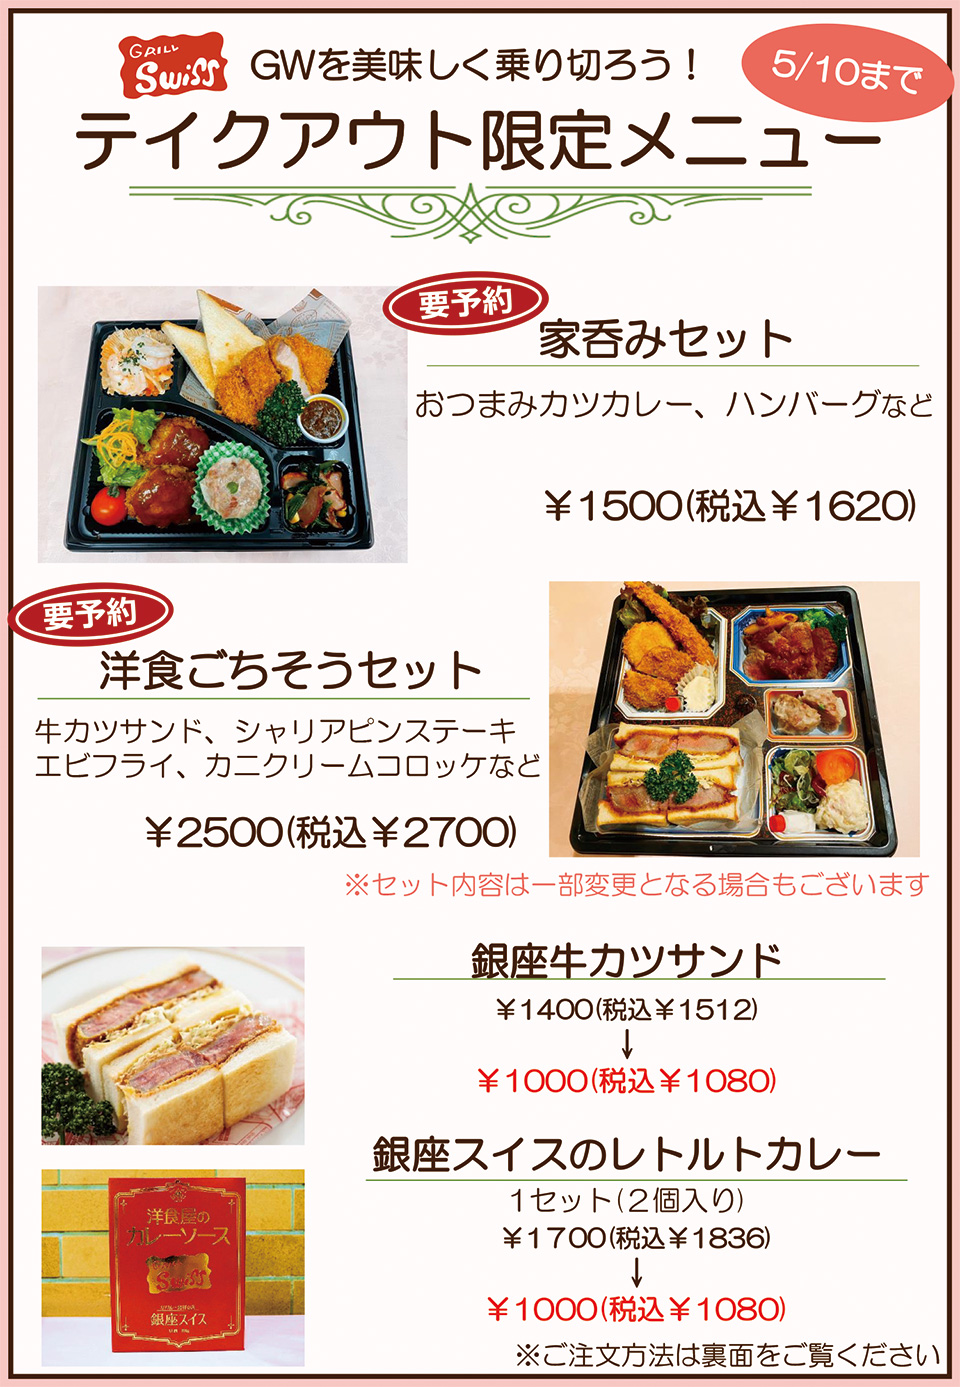 【銀座スイス】テイクアウトお弁当チラシ20200420-1